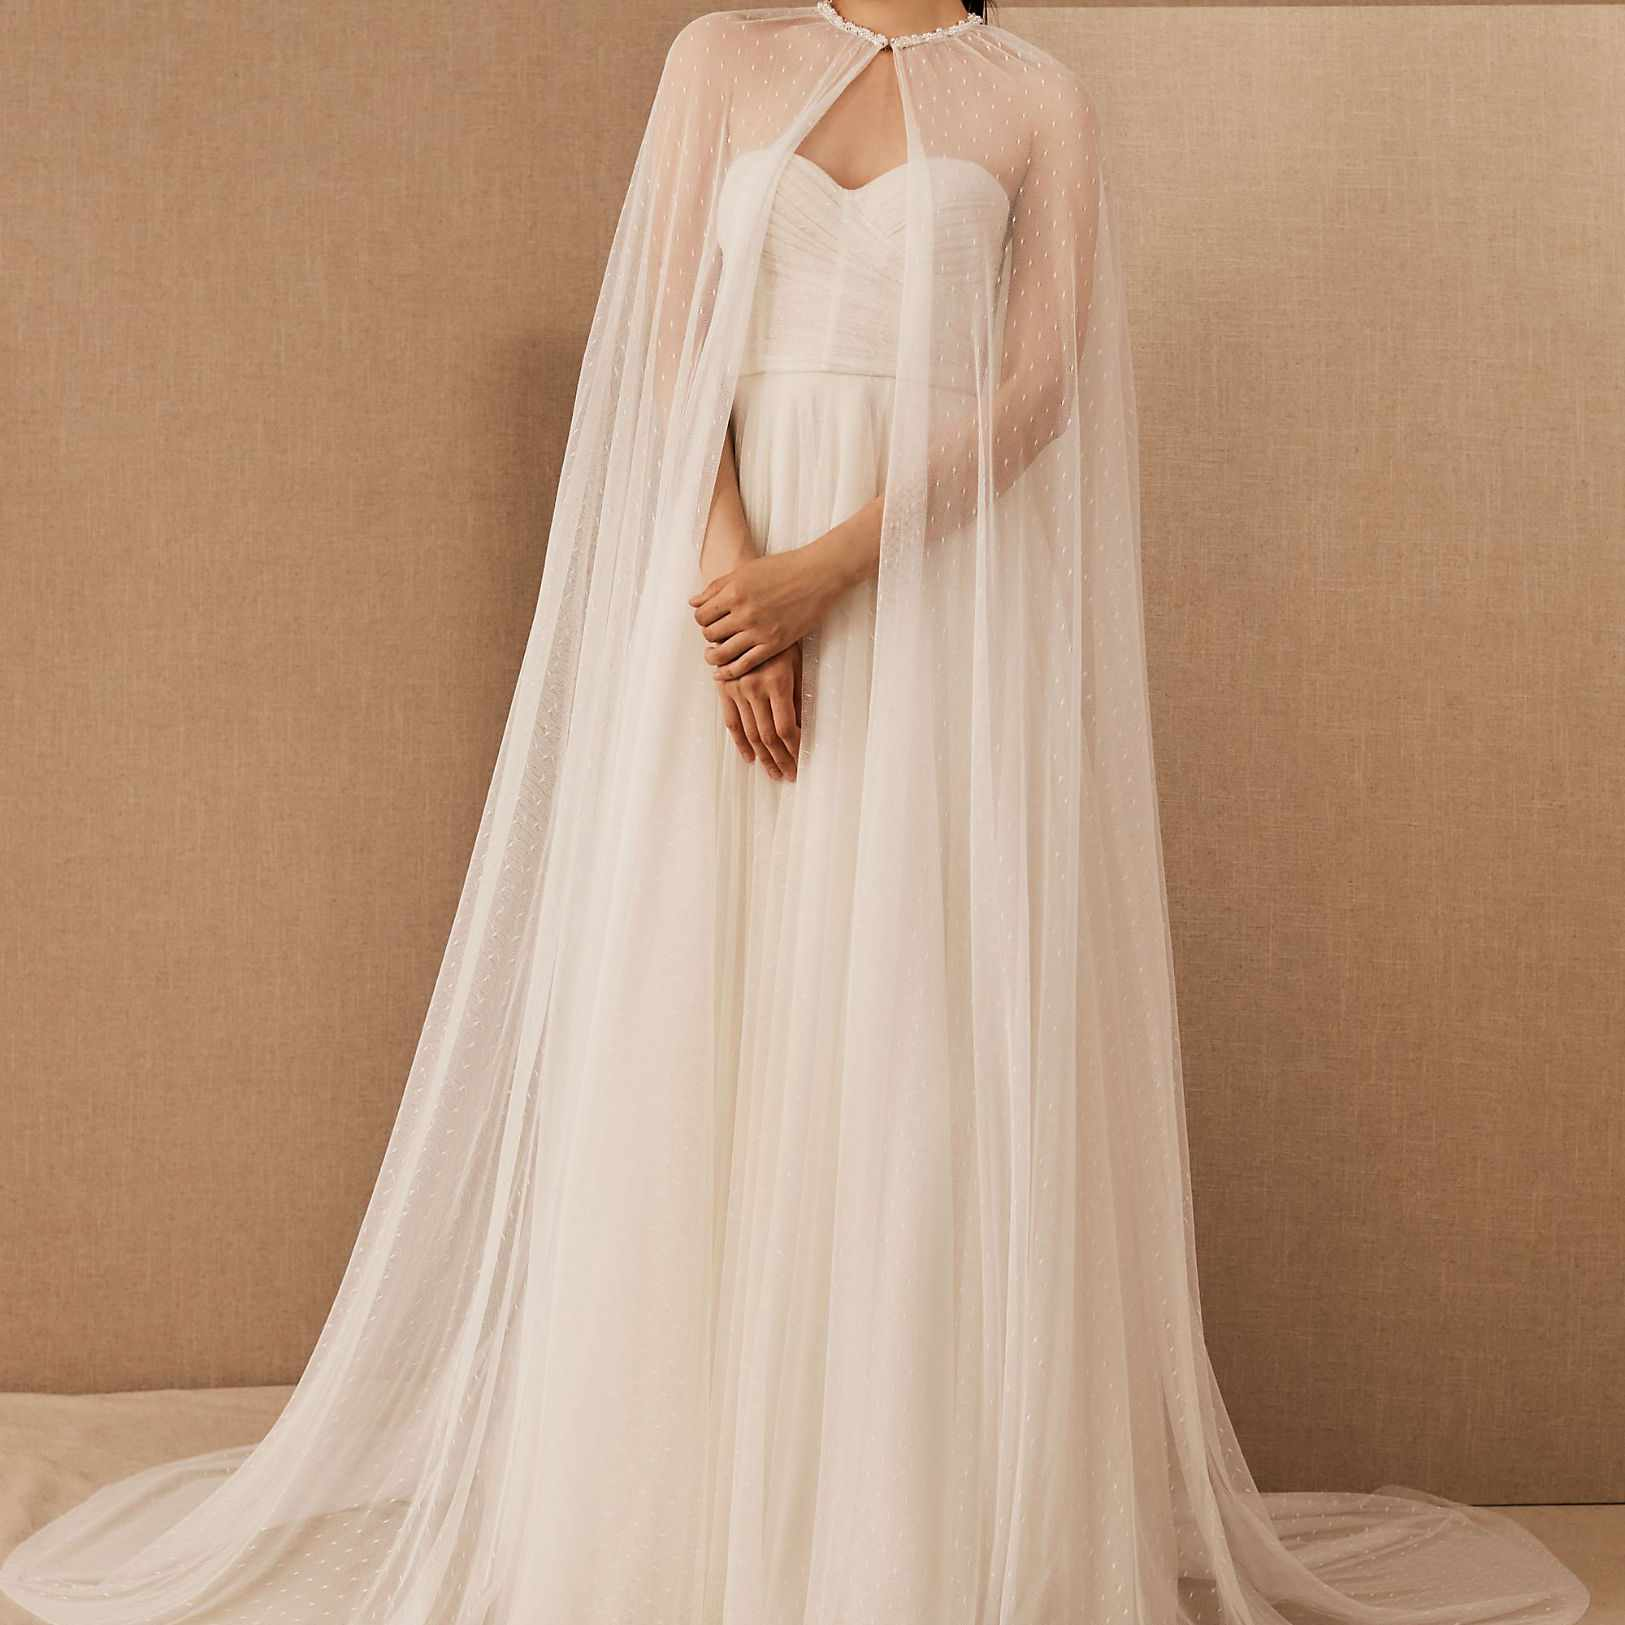 Jenny by Jenny Yoo Tory Gown